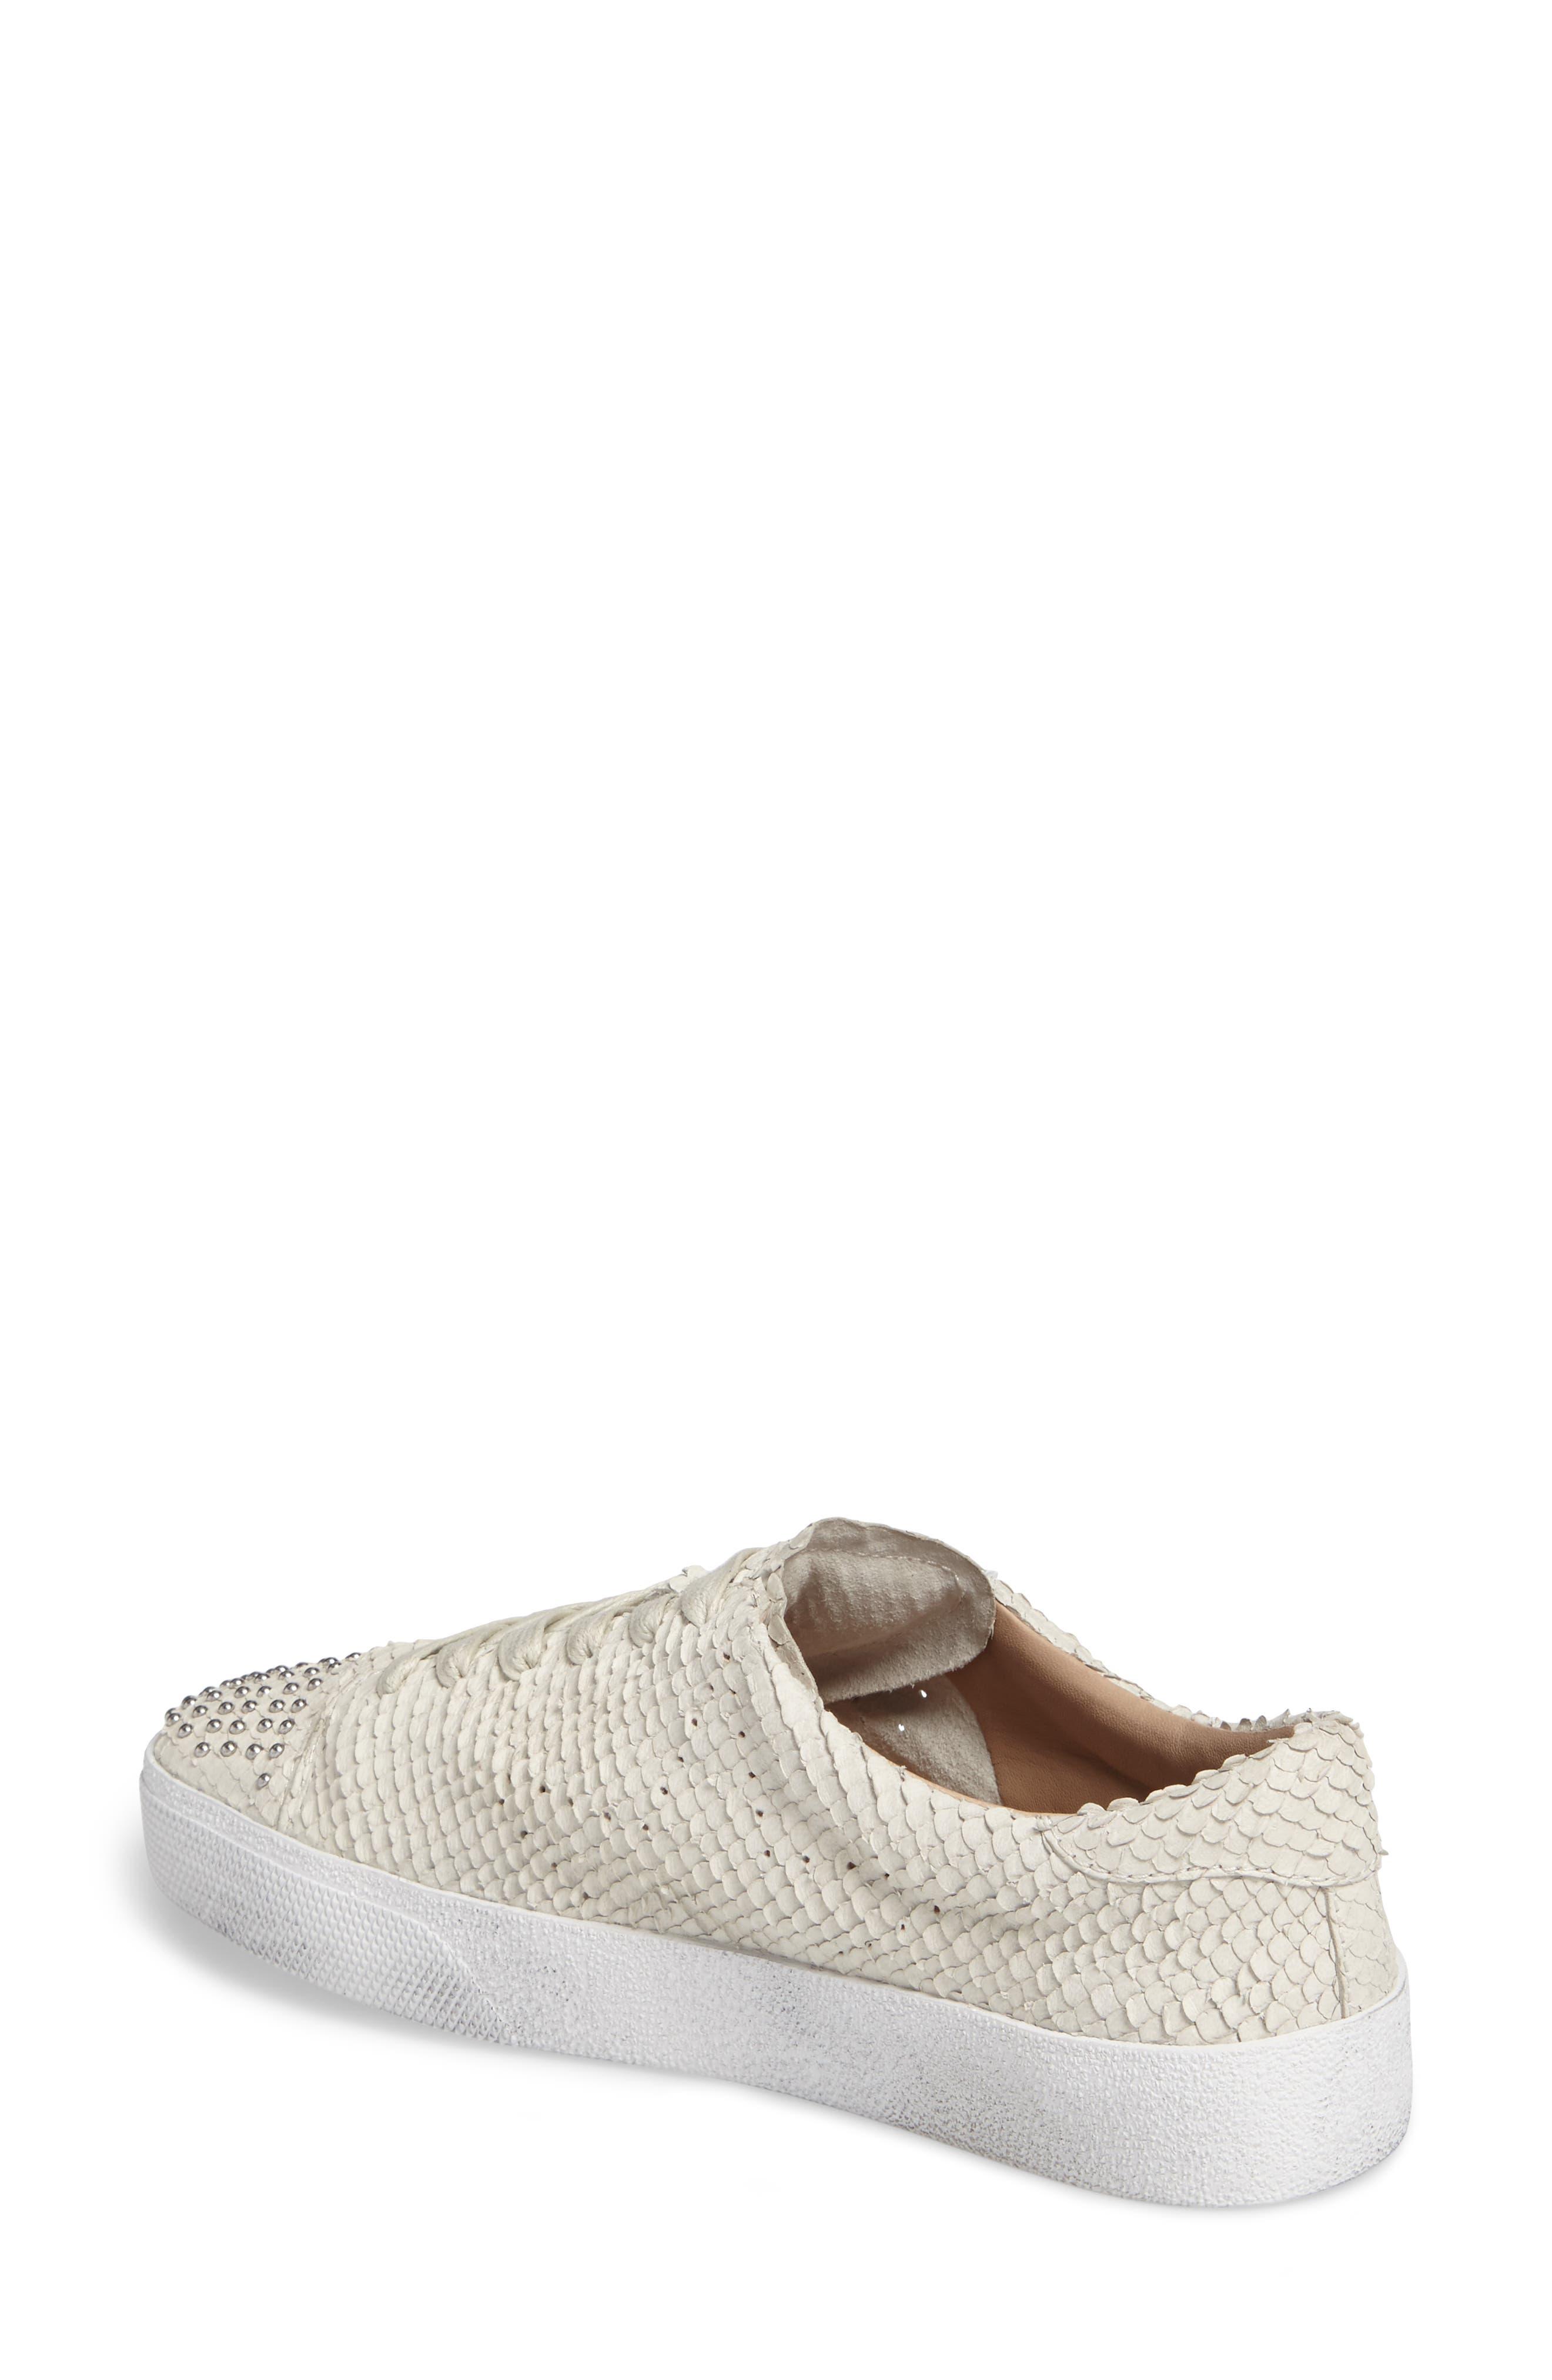 Alternate Image 2  - Mercer Edit Catcall Studded Sneaker (Women)